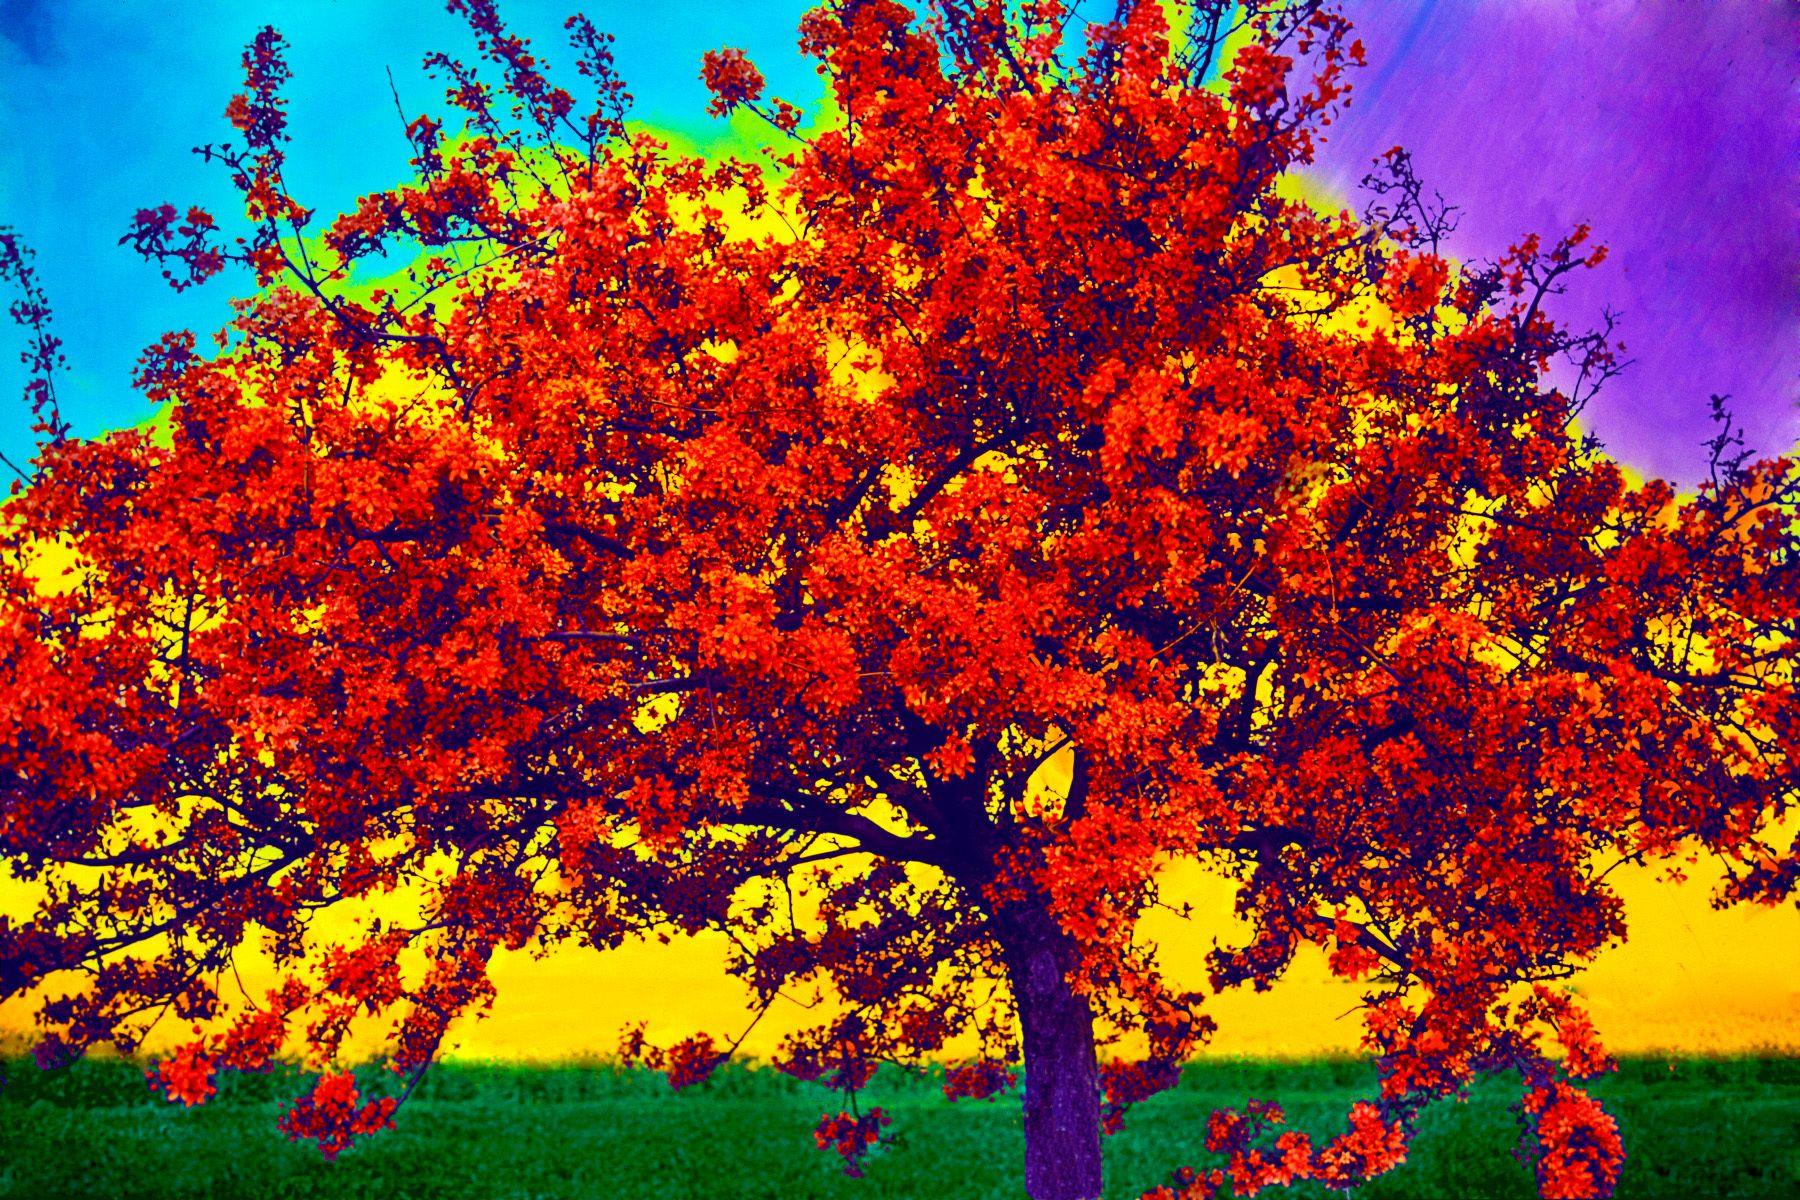 2_0_156_1l_gottlieb_bloomingfrench_tree.jpg